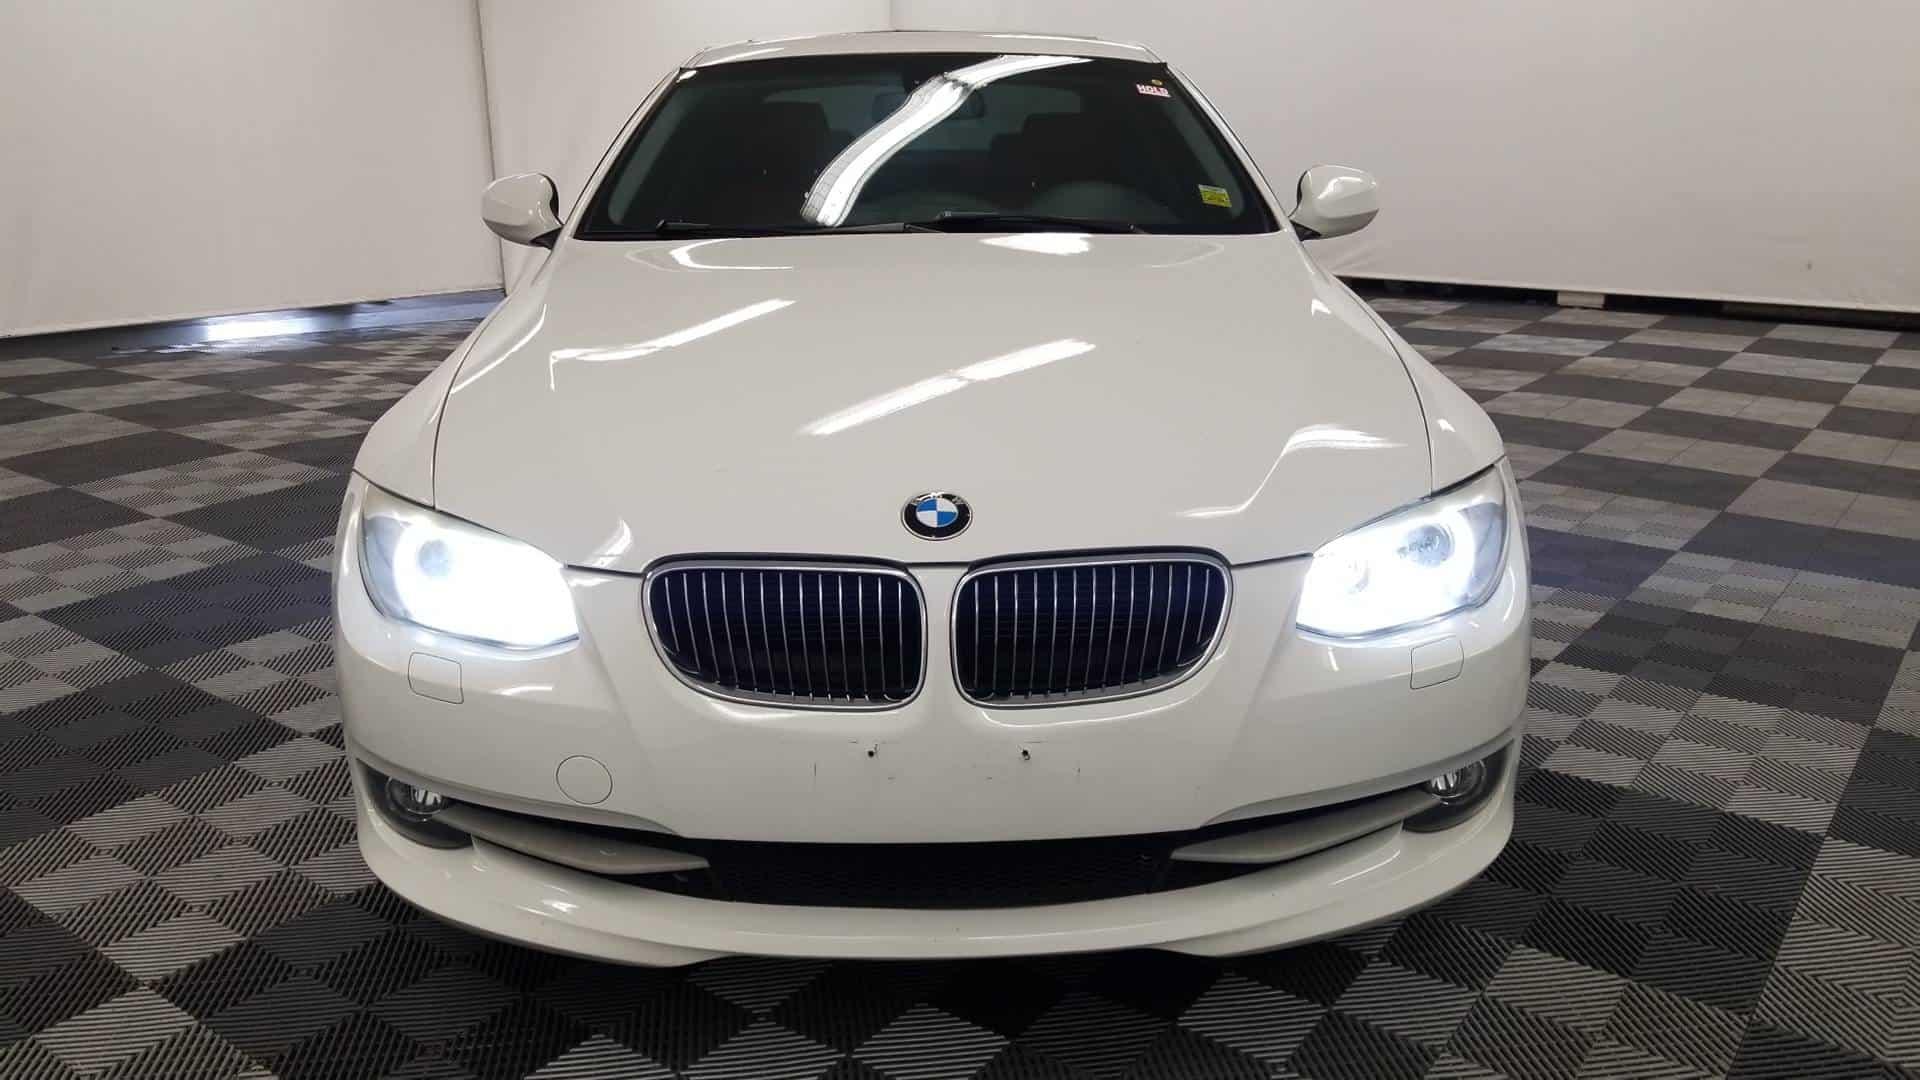 2011 BMW 328i Cpe 2